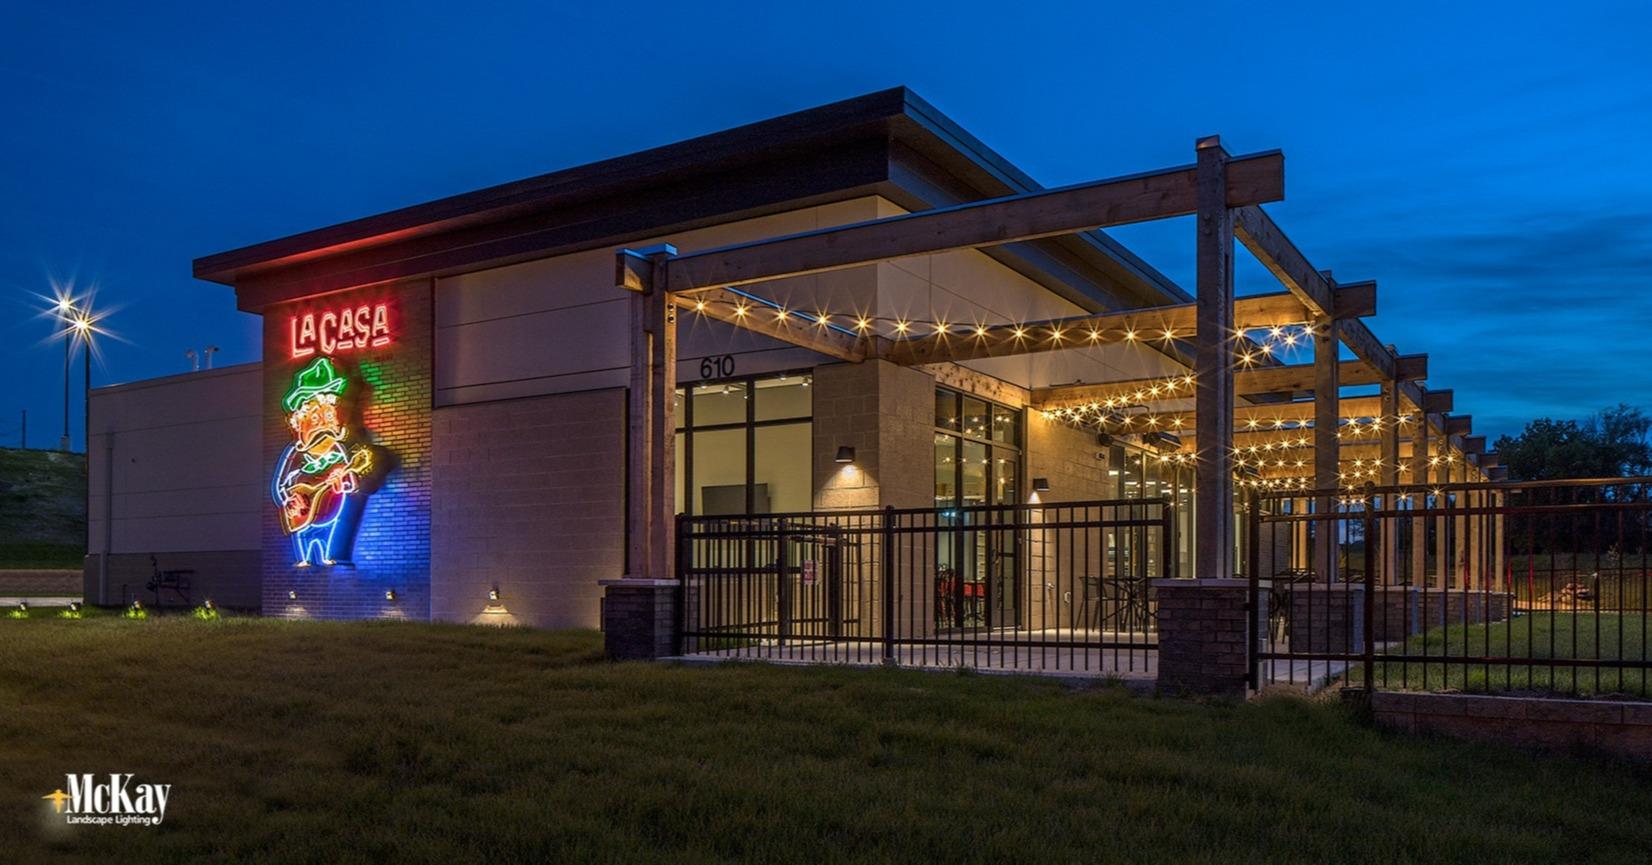 Restaurant Outdoor Patio String Lighting Ideas Omaha Nebraska